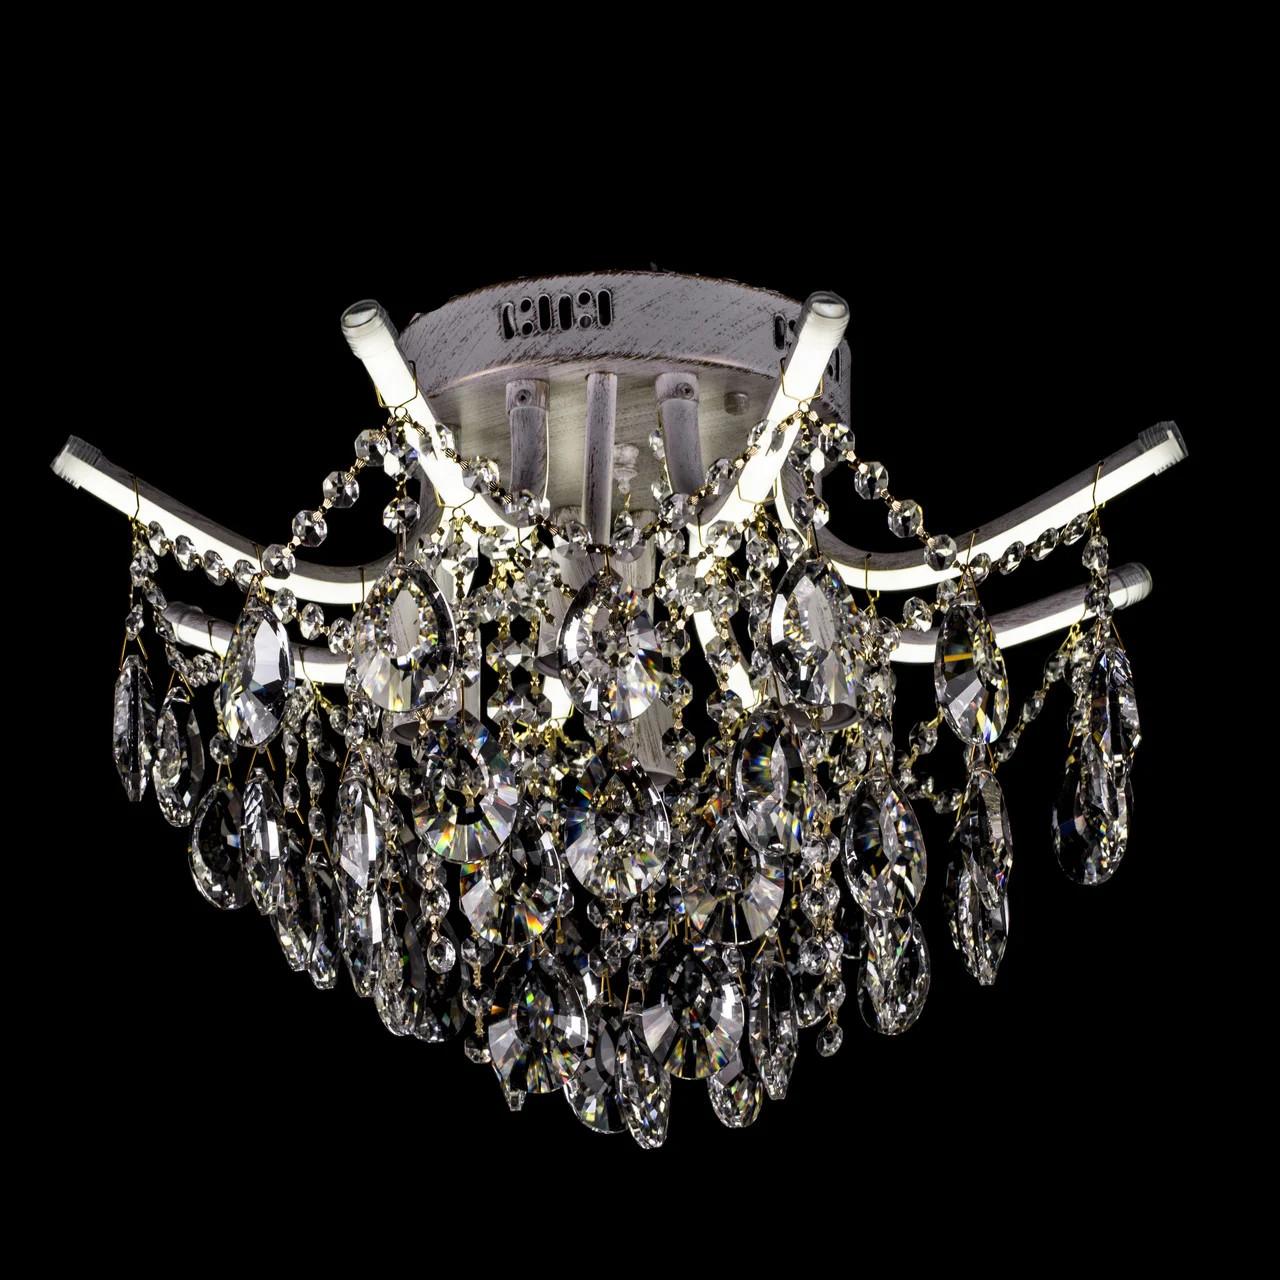 Хрустальная люстра c LED подсветкой рожков на 4 лампочки СветМира золотая патина 2717/4+8/WG